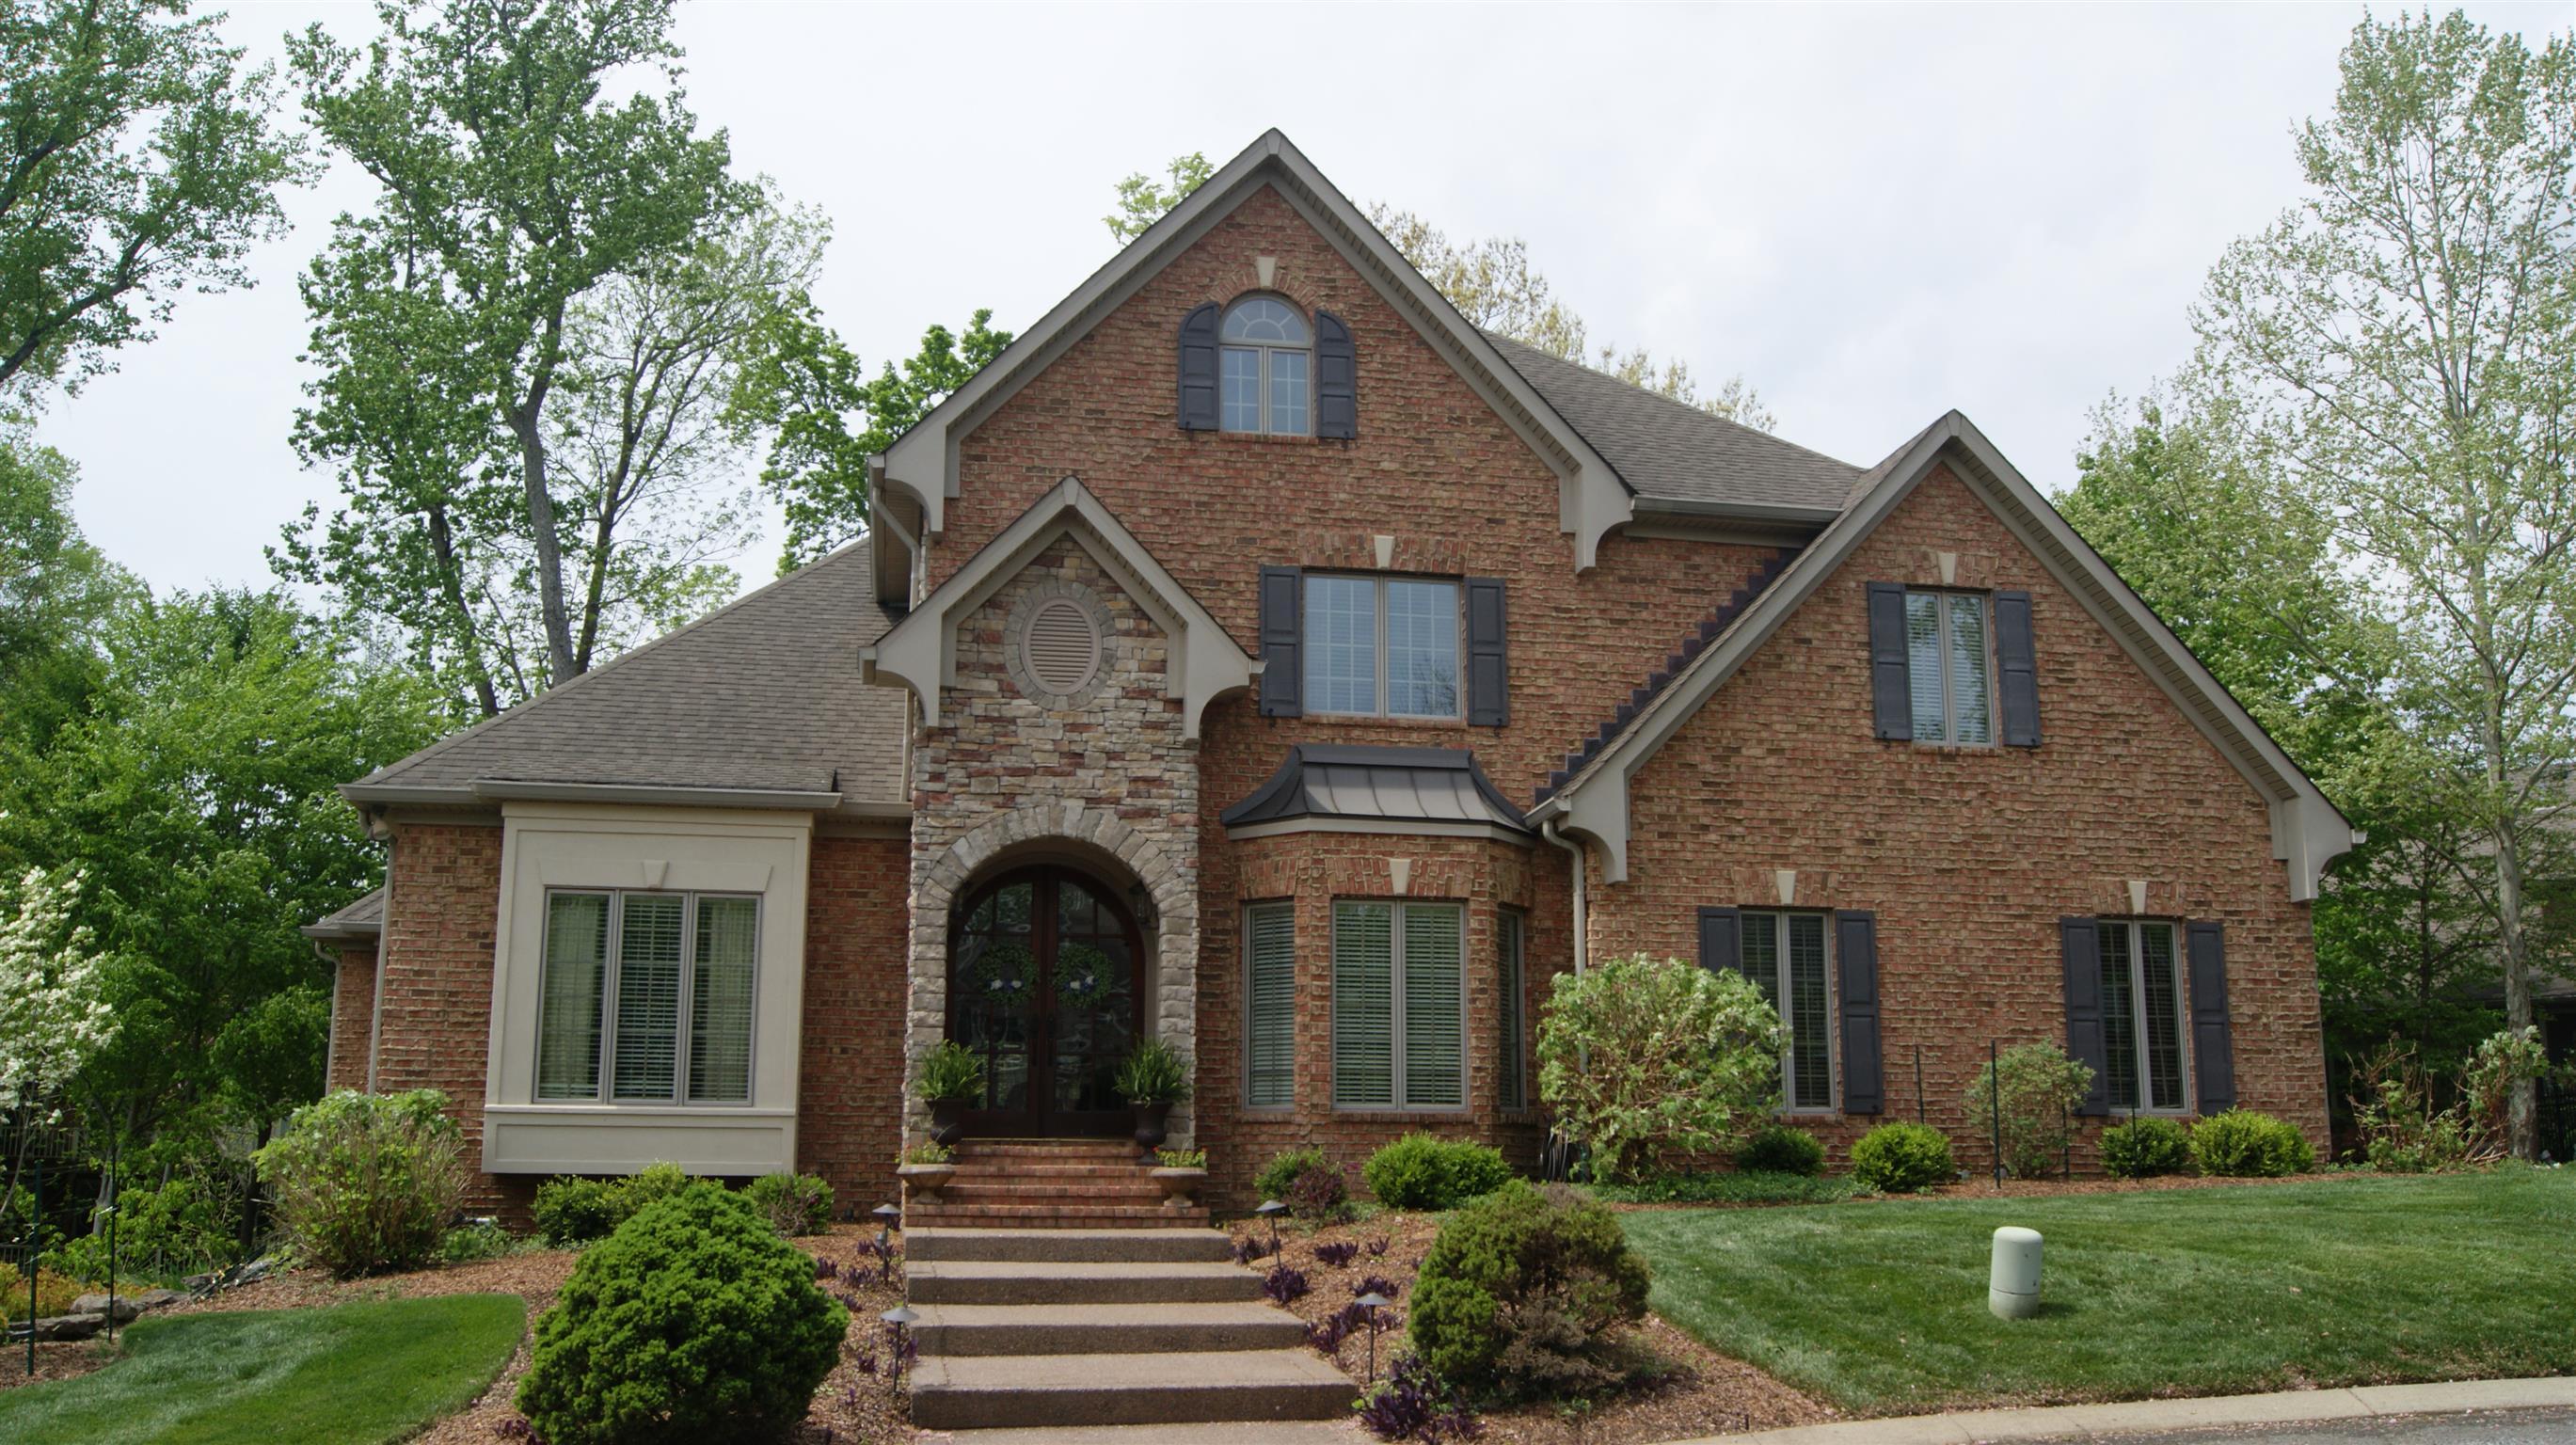 102 Ashland Pt, Hendersonville, TN 37075 - Hendersonville, TN real estate listing